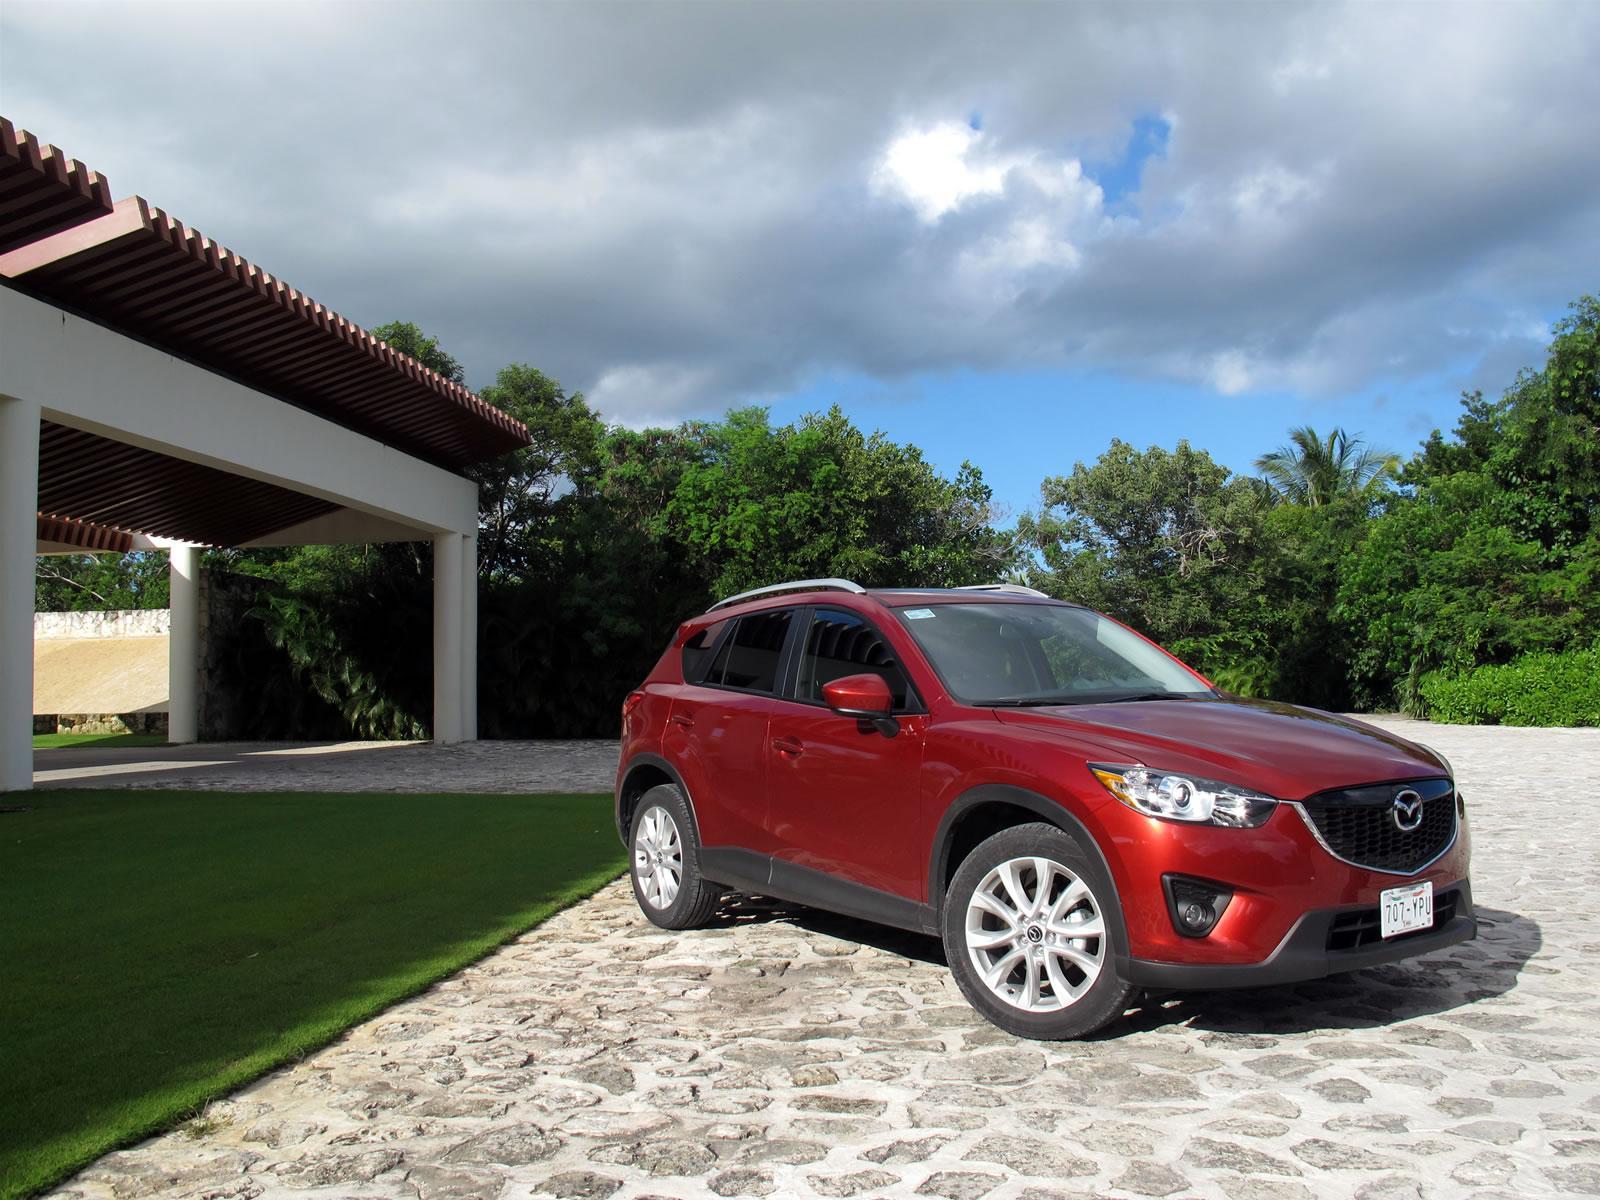 Mazda CX-5 2013 llega a México en $382,900 pesos